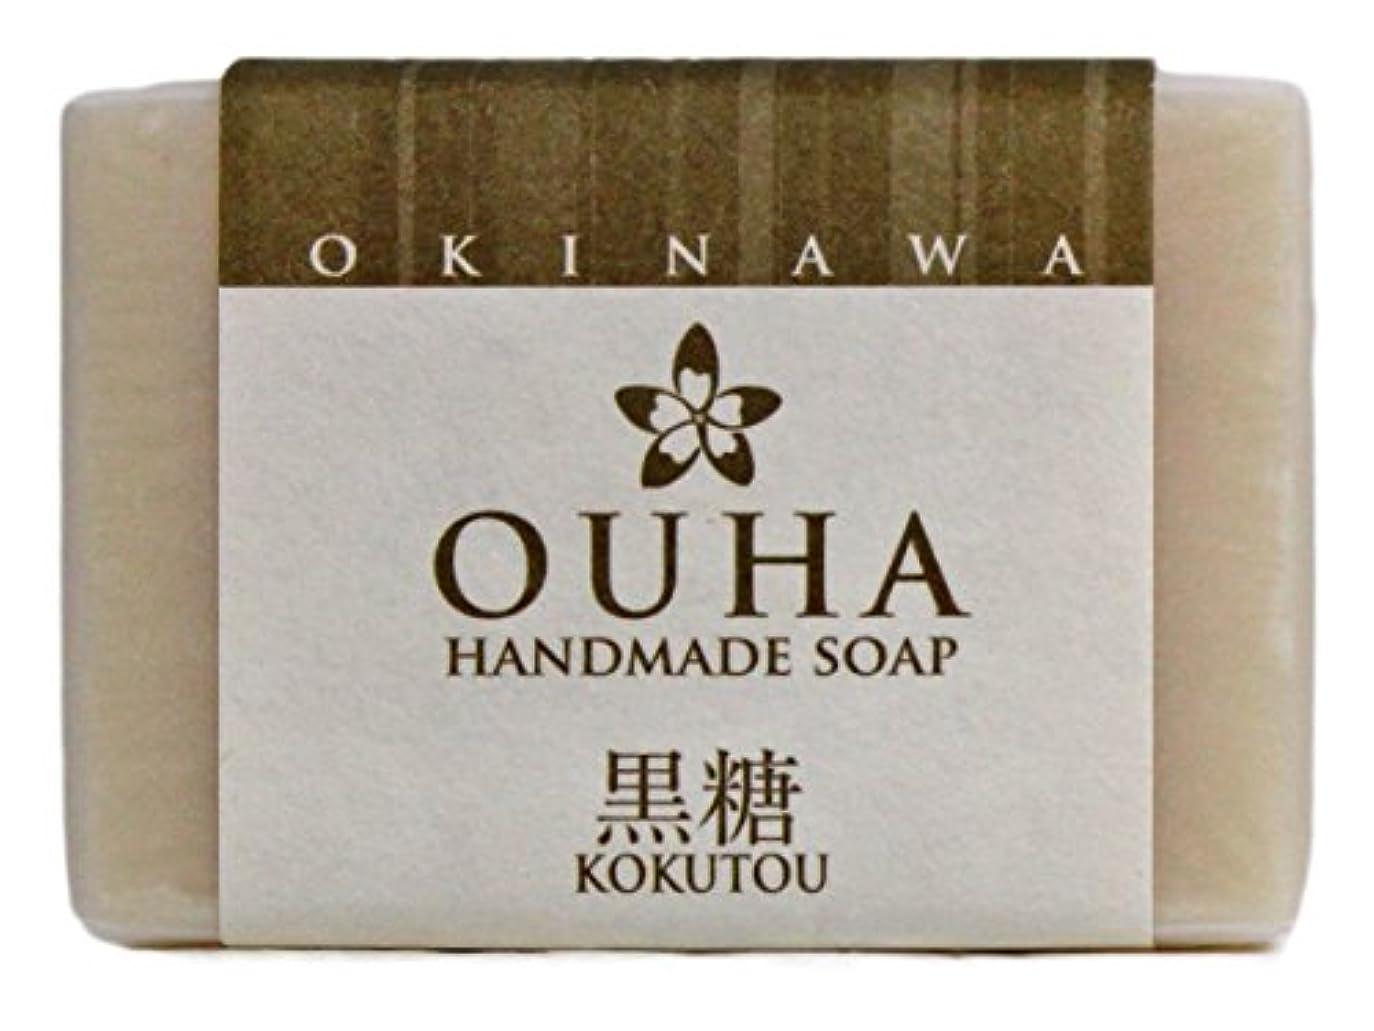 心のこもった研磨剤単に沖縄手作り洗顔せっけん OUHAソープ 黒糖 47g